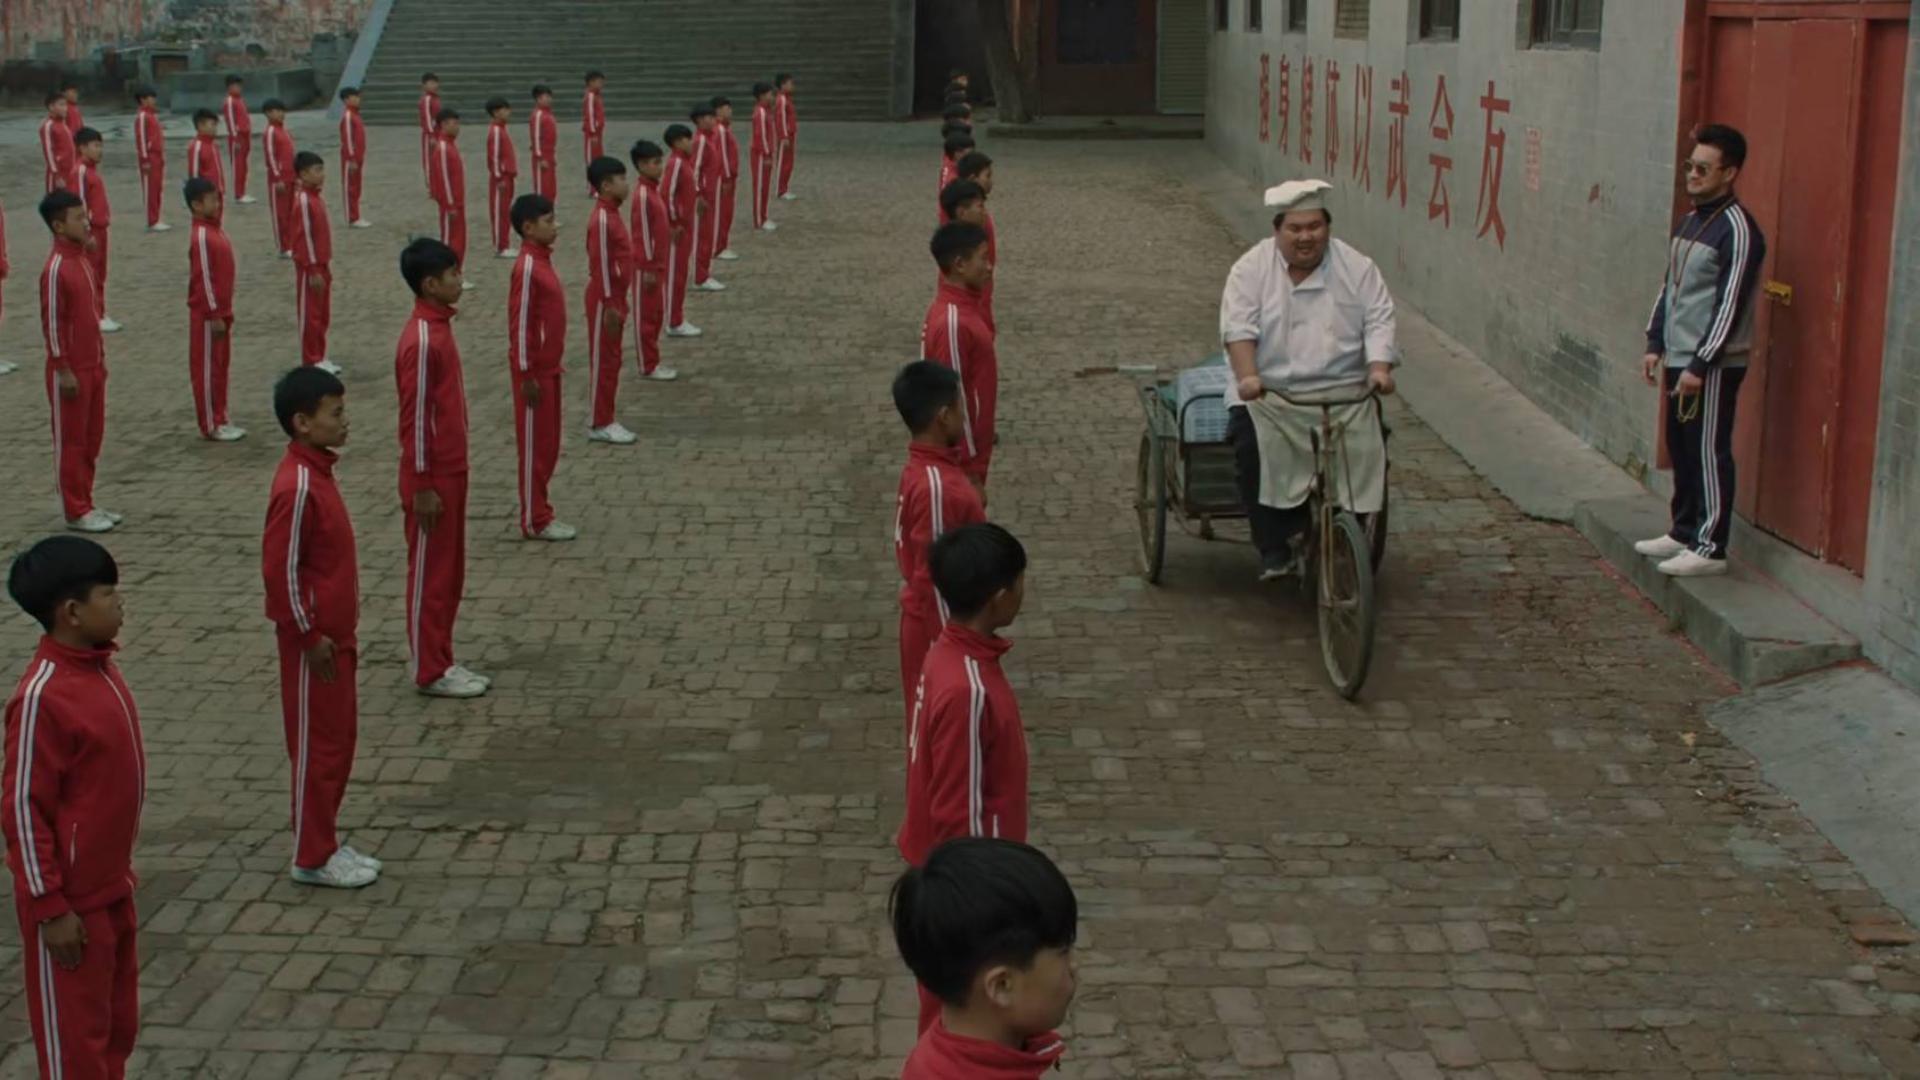 2019年最怪异的国产佳作,探秘嵩山武校的光怪陆离,《武林孤儿》